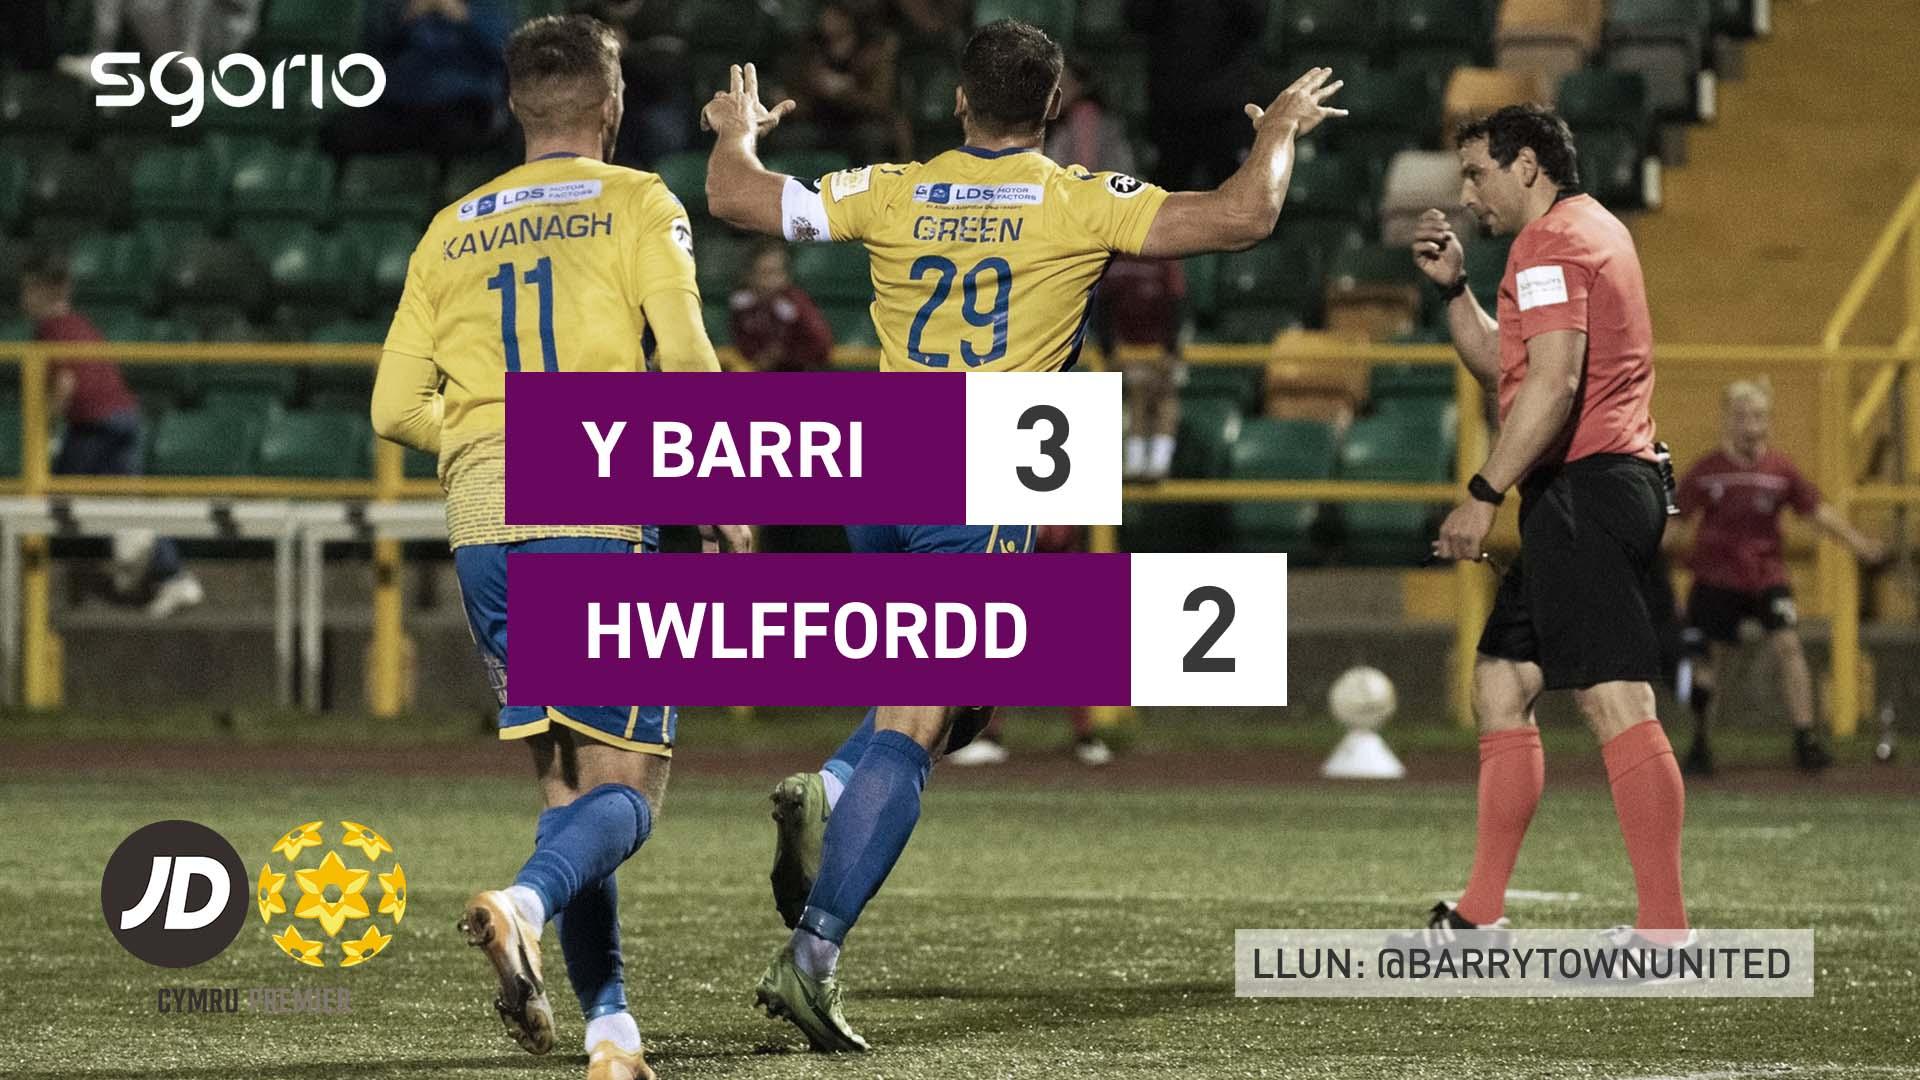 Y Barri 3-2 Hwlffordd